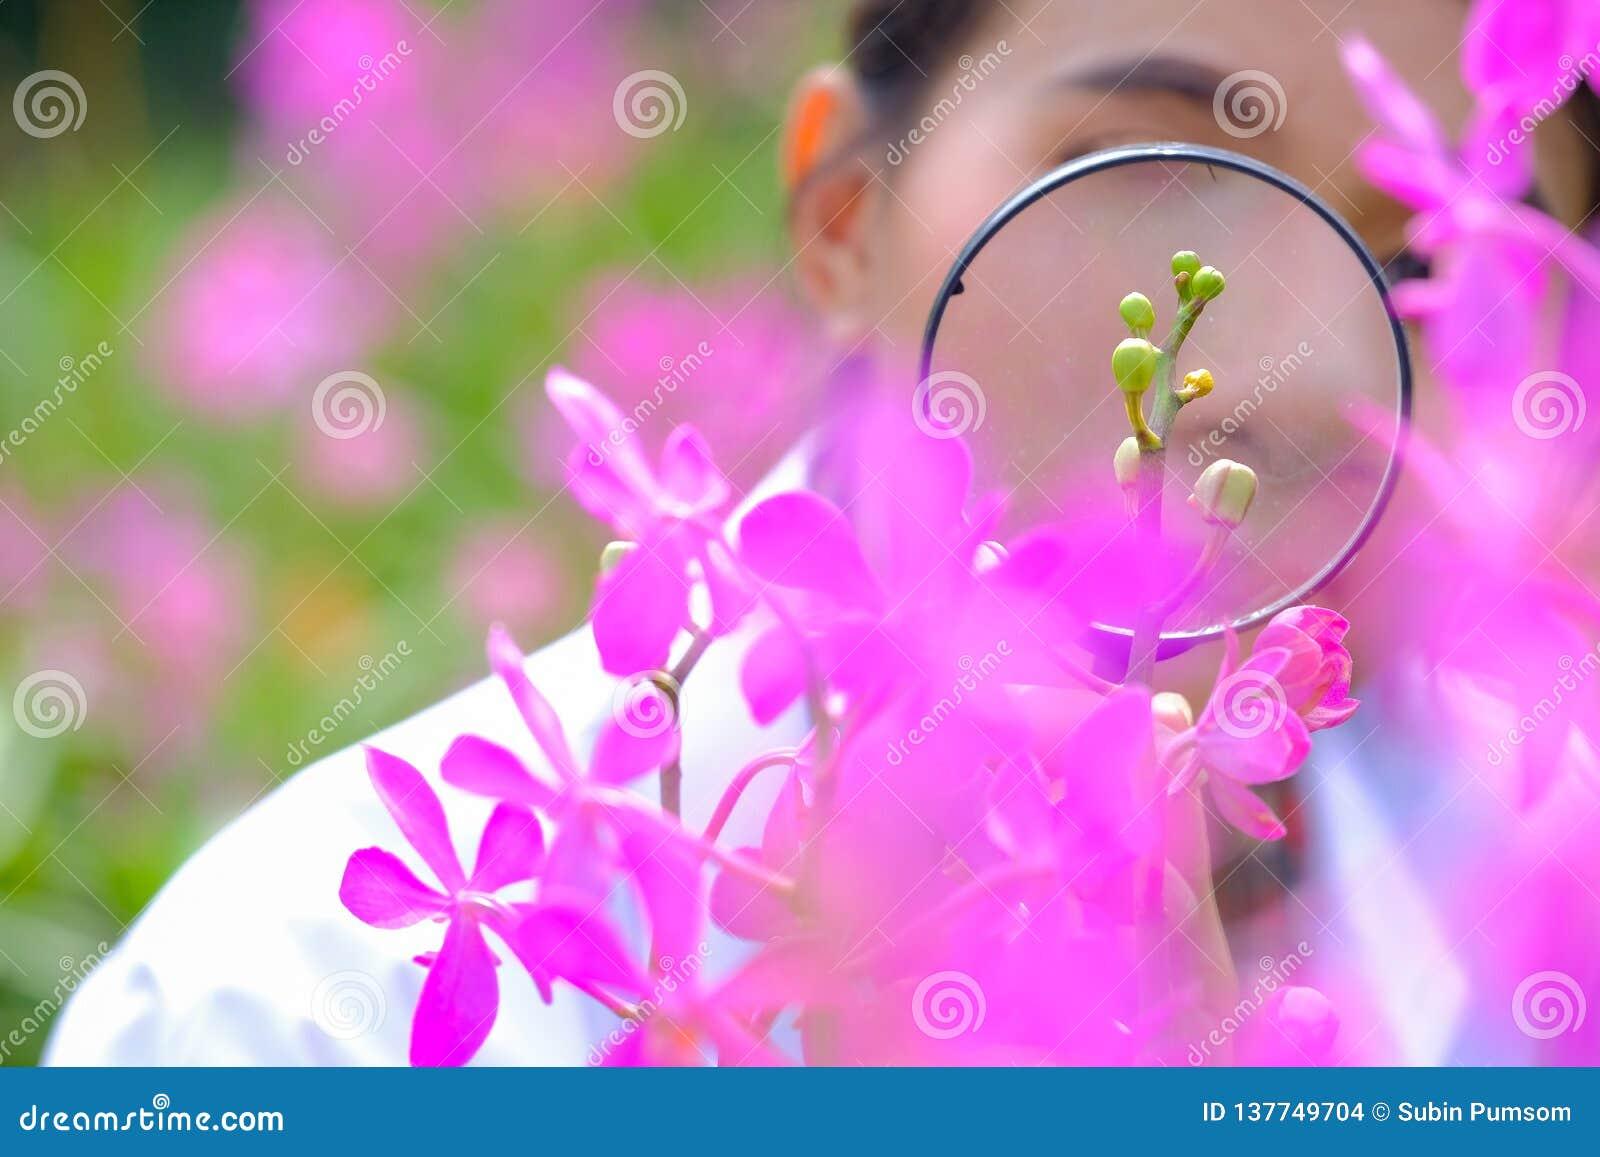 Badacze biorą powiększać połysk purpur orchidee - szkło